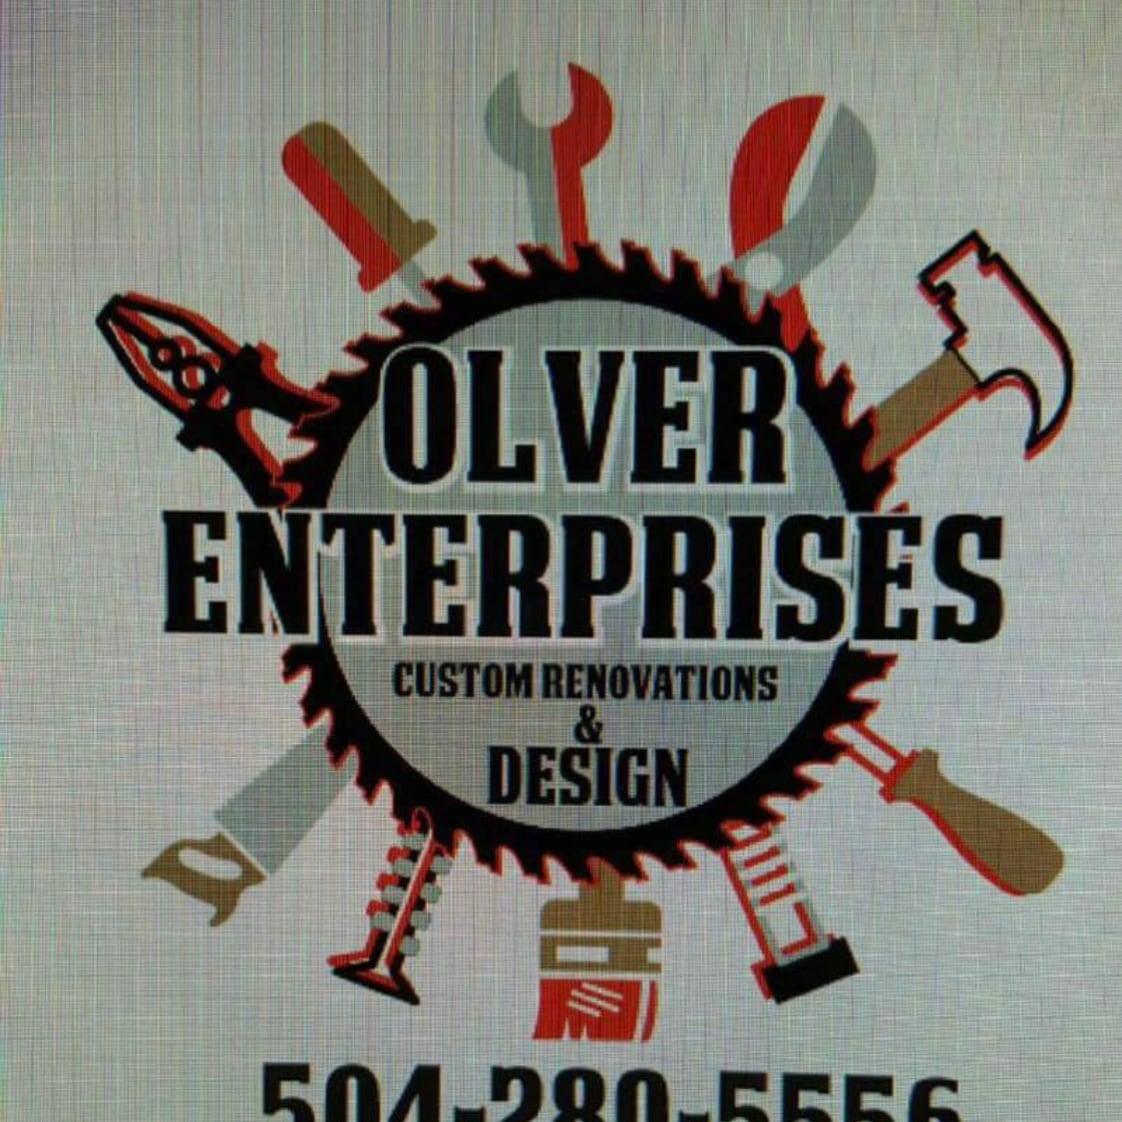 Olver Enterprises LLC